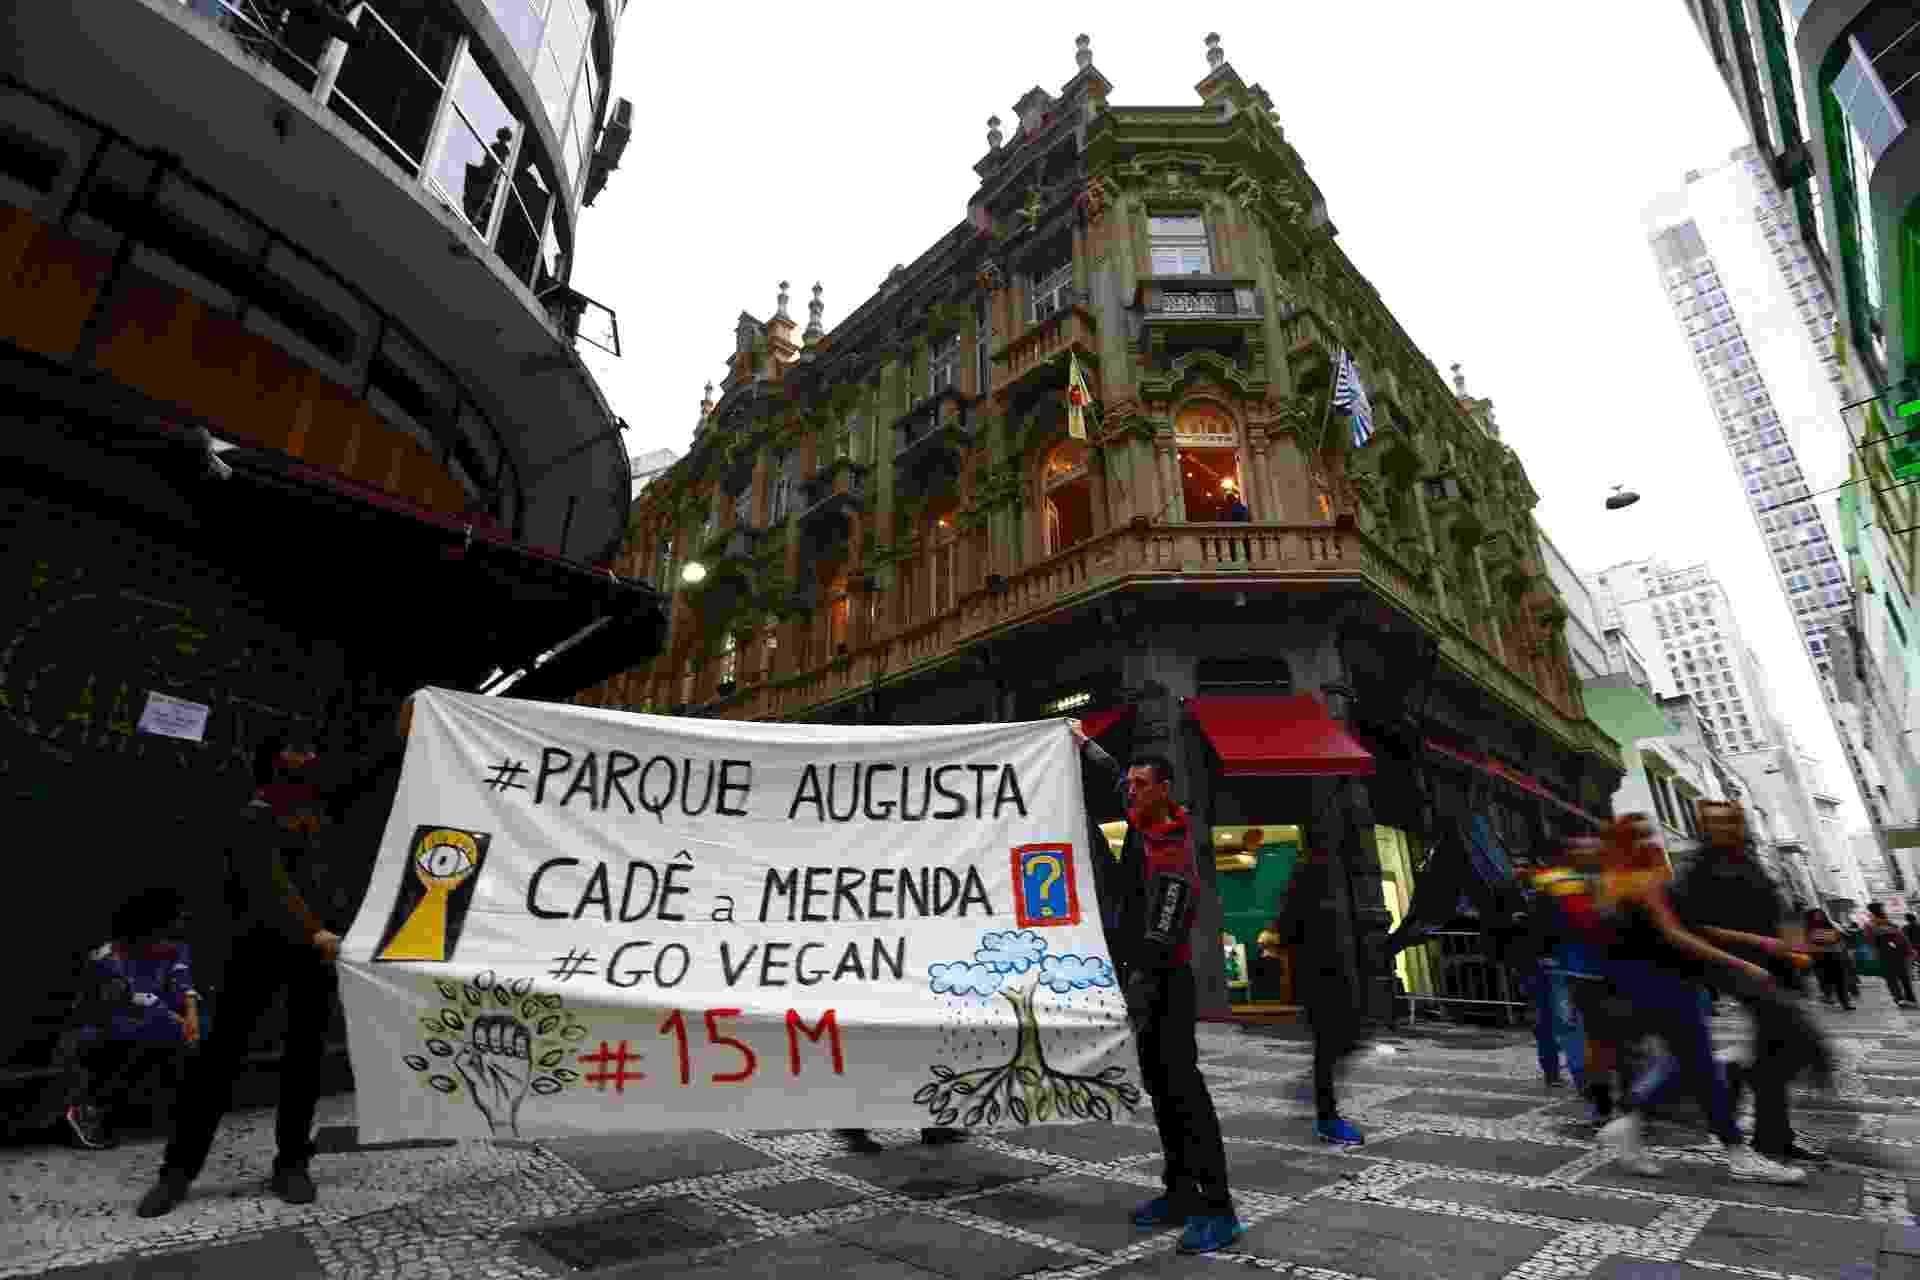 20.mai.2016 - Happy Hour da Virada Cultural começa com protesto. Manifestantes pedem pelo parque Augusta e CPI da Merenda - Adriano Vizoni/Folhapress